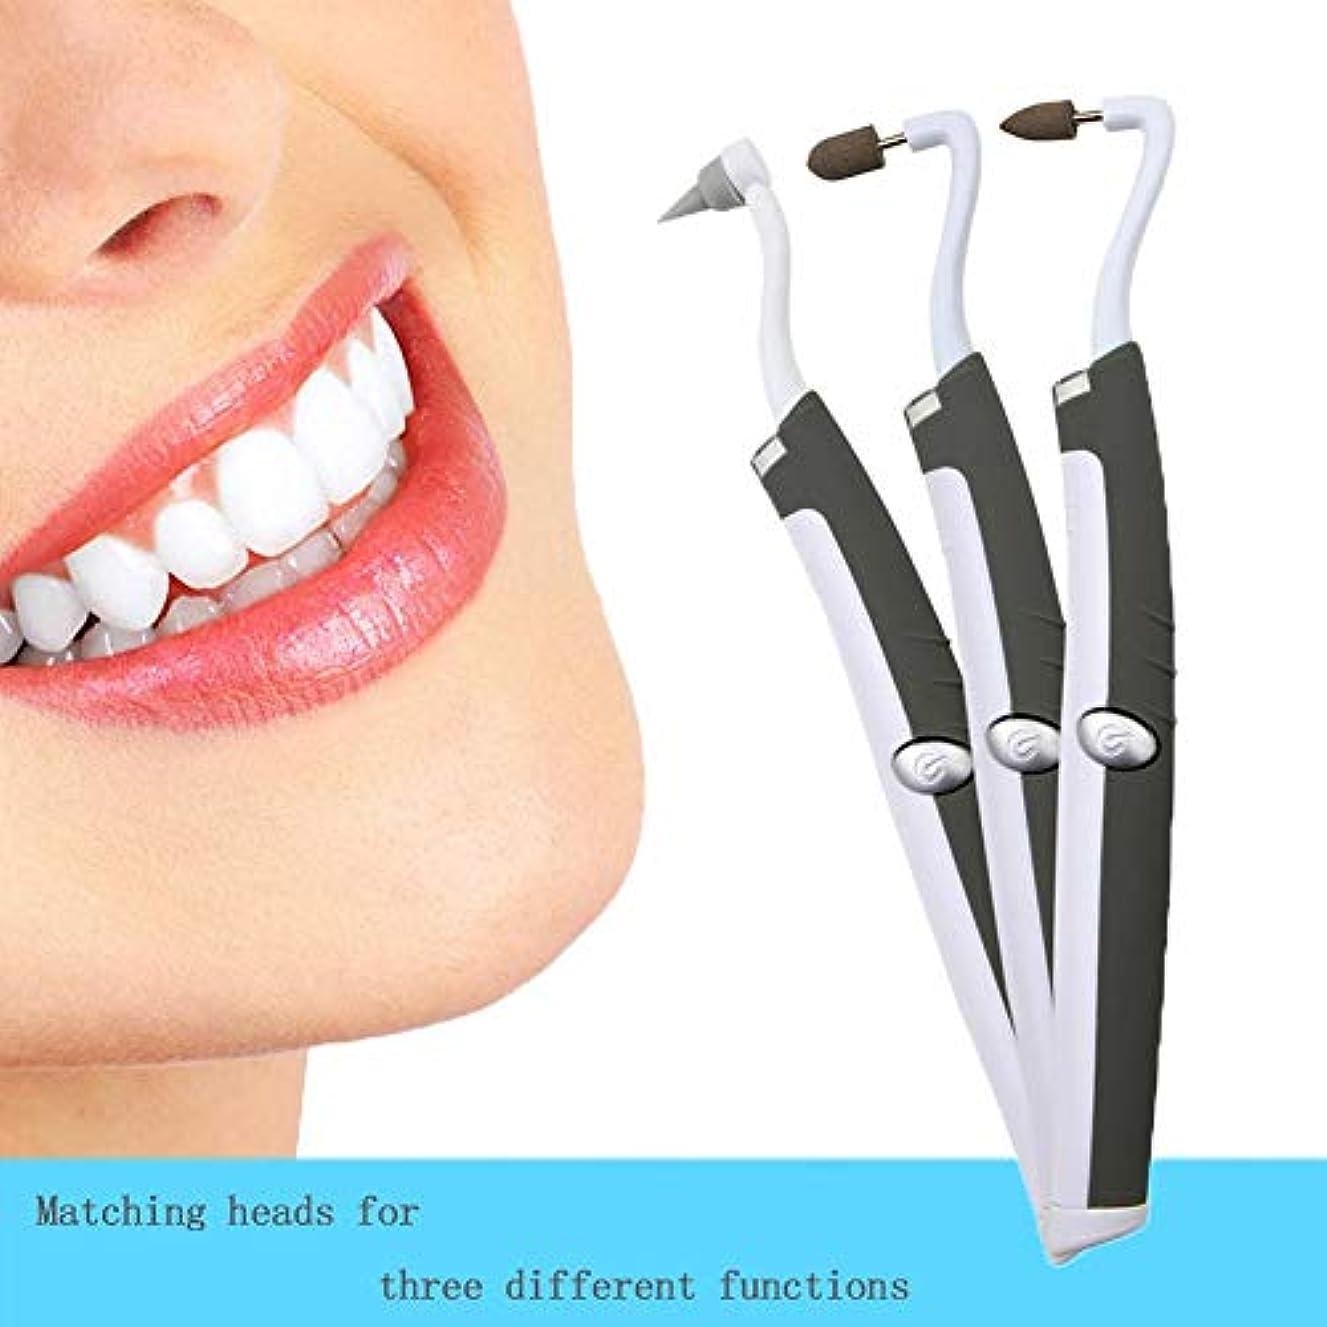 受け皿ドットよろめく歯石除去剤-変色を取り除き、歯を白くする歯石除去剤歯石が歯を除去しますポーランドのスリップが歯垢の汚れを防ぎます(3頭)